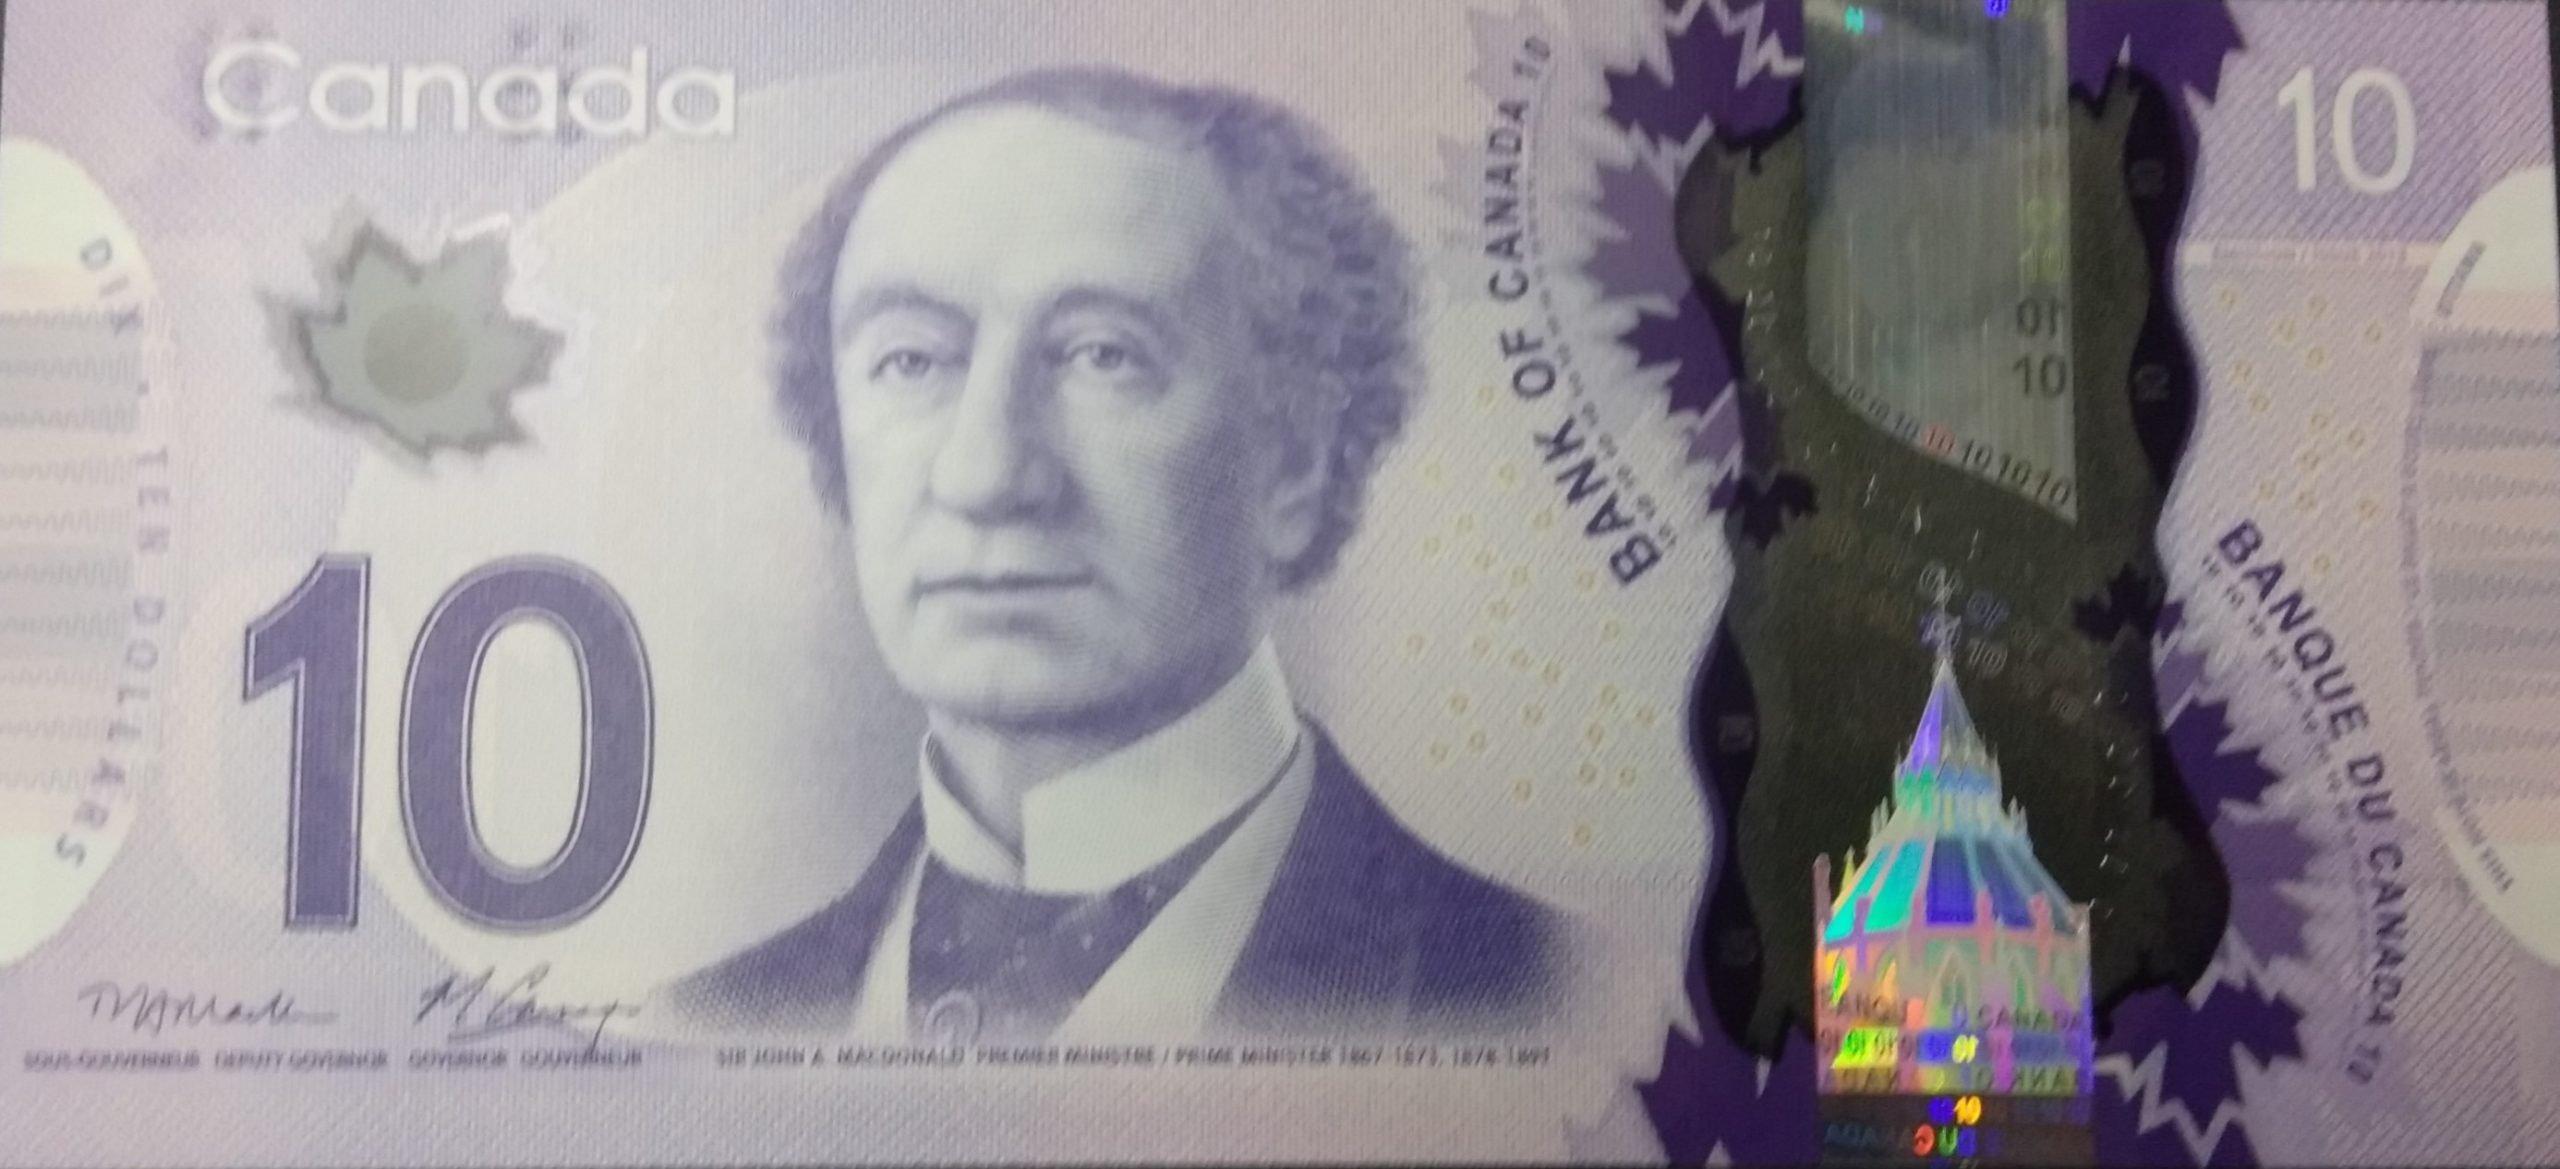 Canada 10 dollars polymer